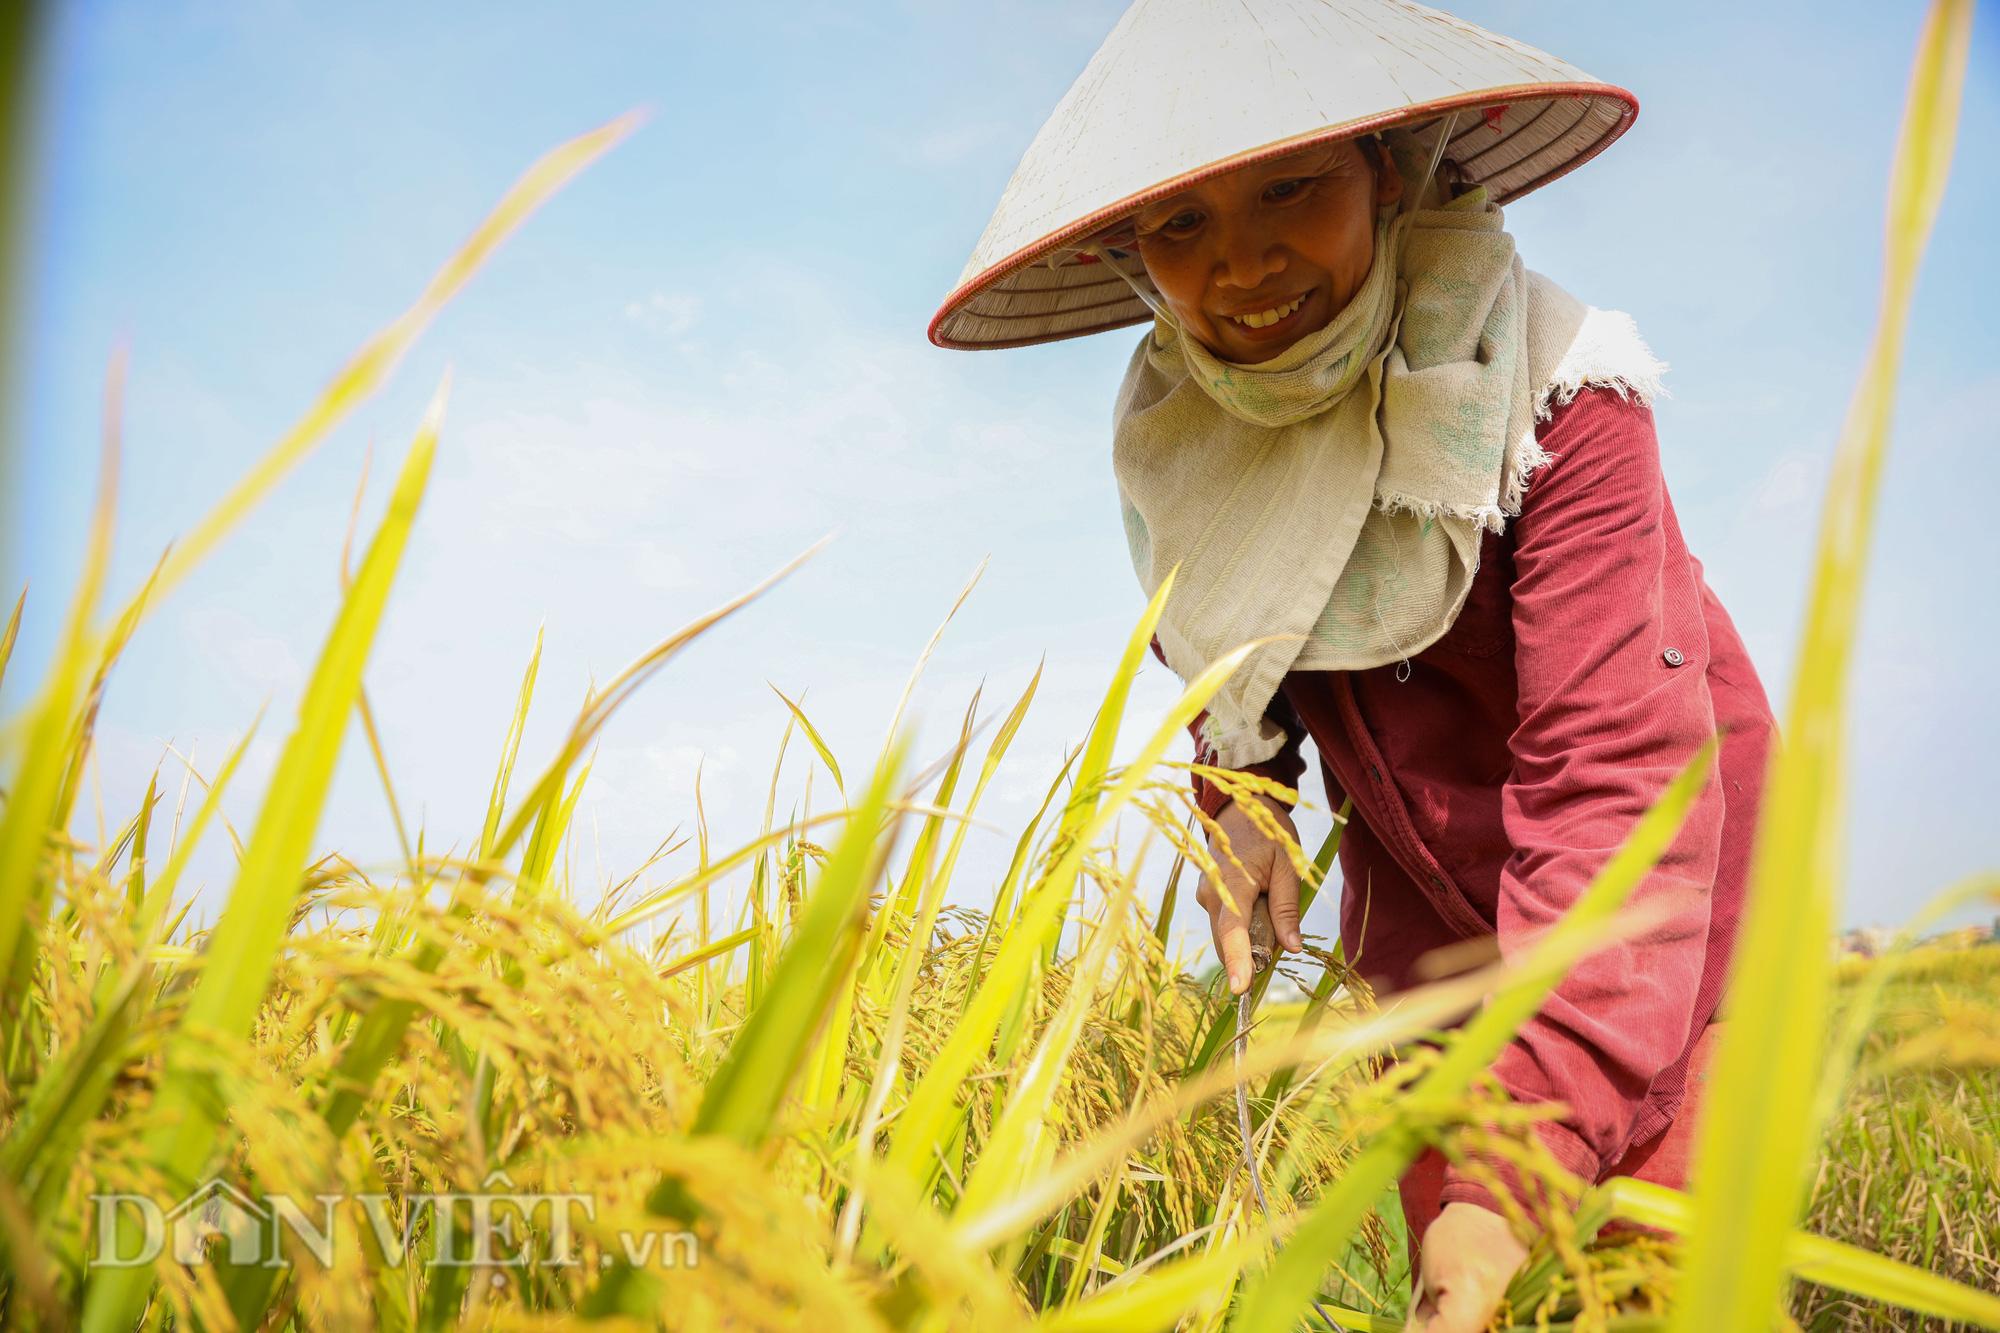 Nông dân Hà Nội đội nắng đón vụ mùa bội thu - Ảnh 7.